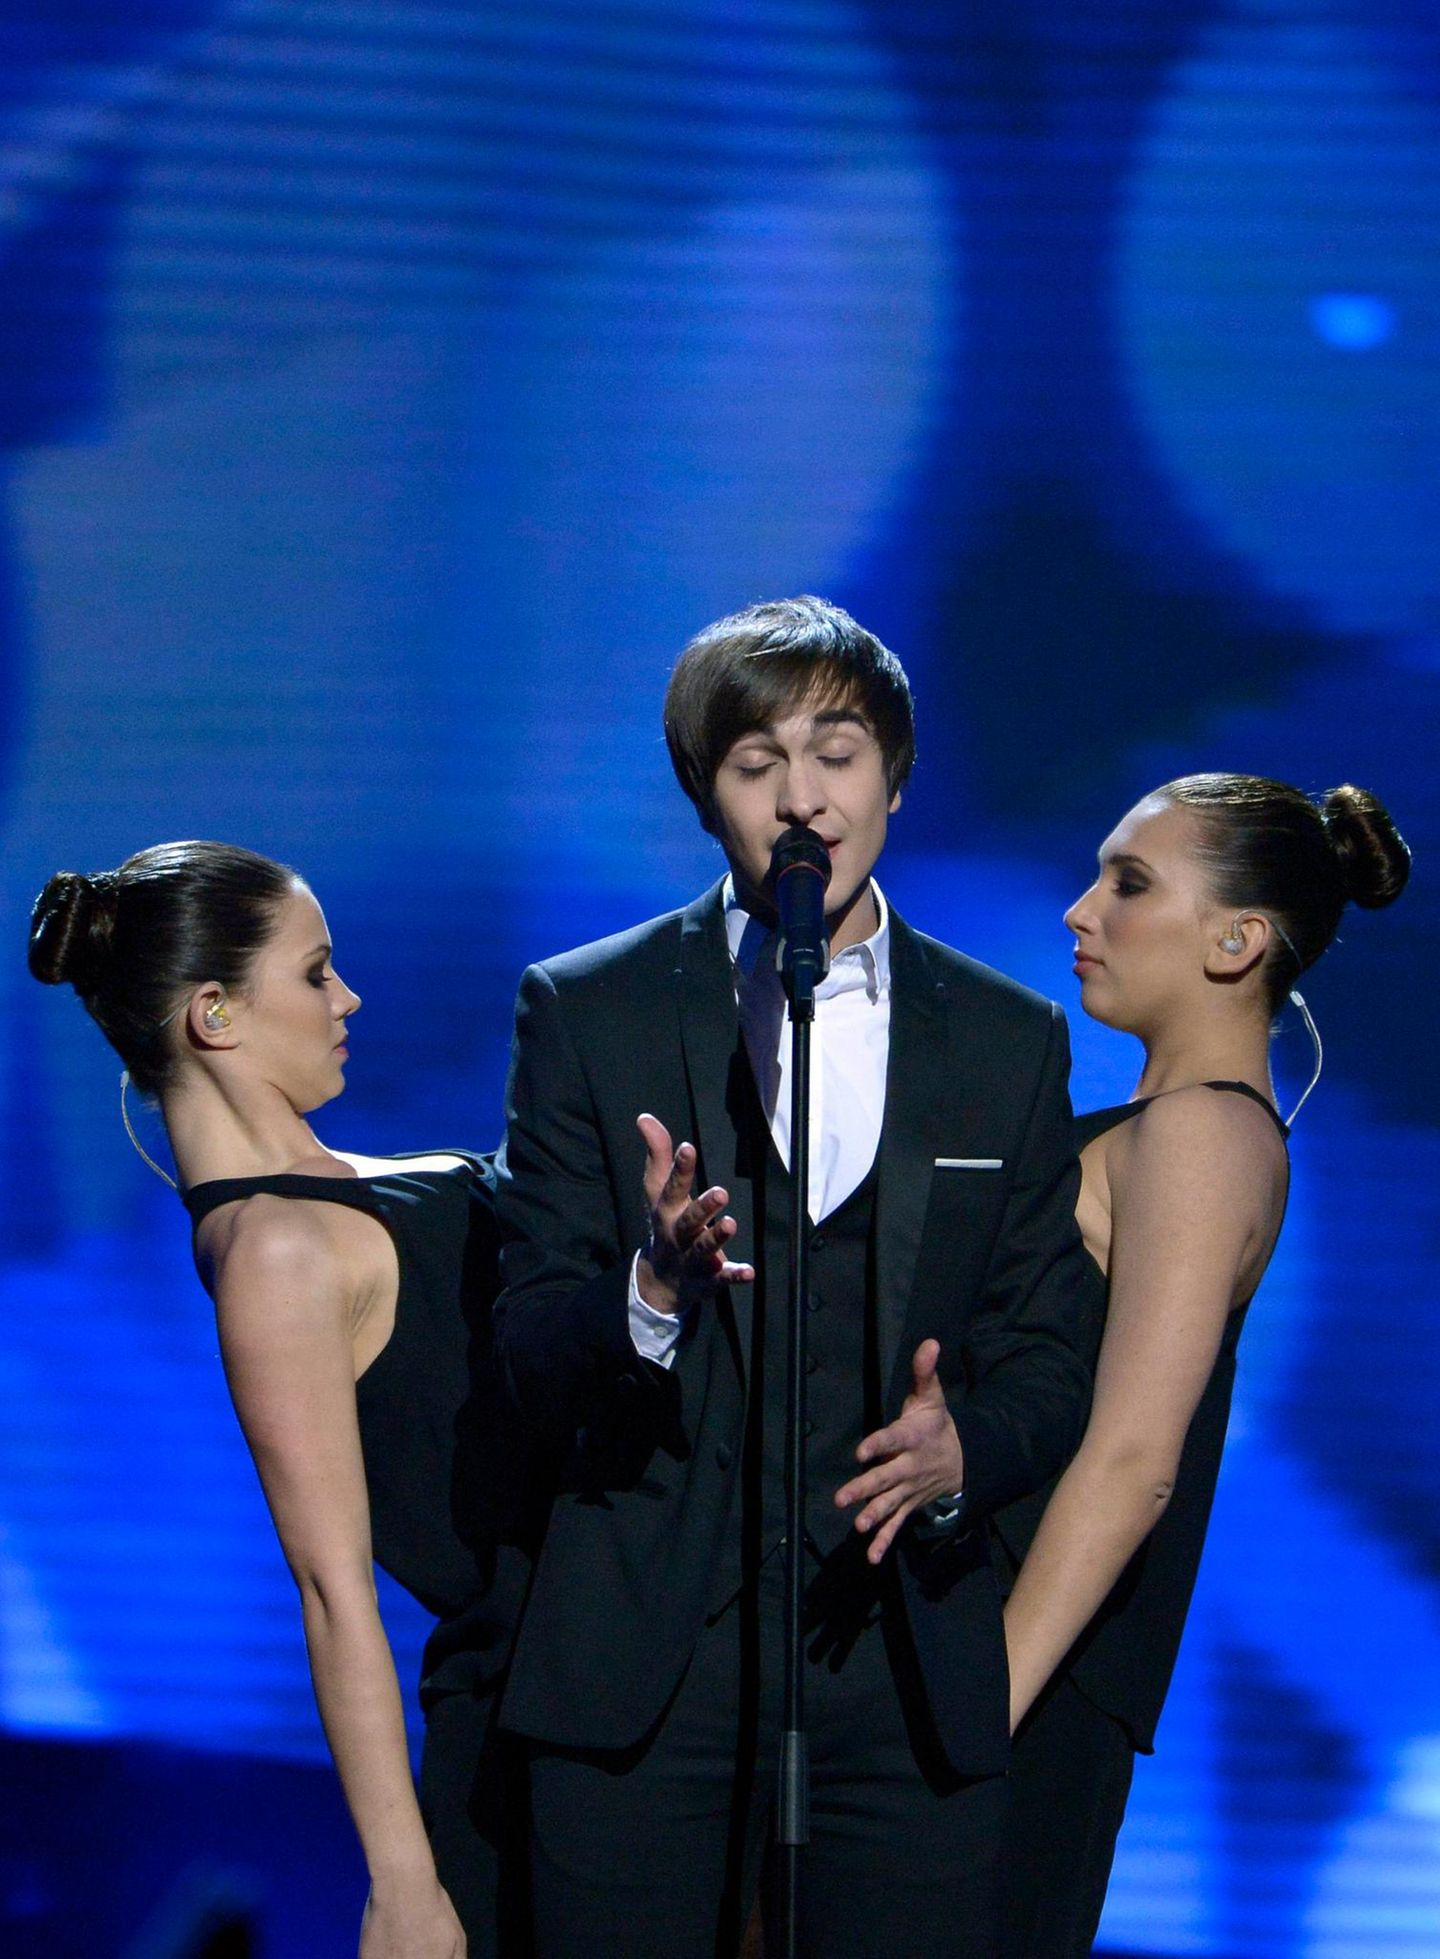 """Das belgische Fernsehen hat Roberto Bellarosa als Gesangstalent entdeckt. 2012 gewann er """"The Voice Belgique"""" und darf jetzt mit """"Love Kills"""" für sein Heimatland beim ESC antreten."""